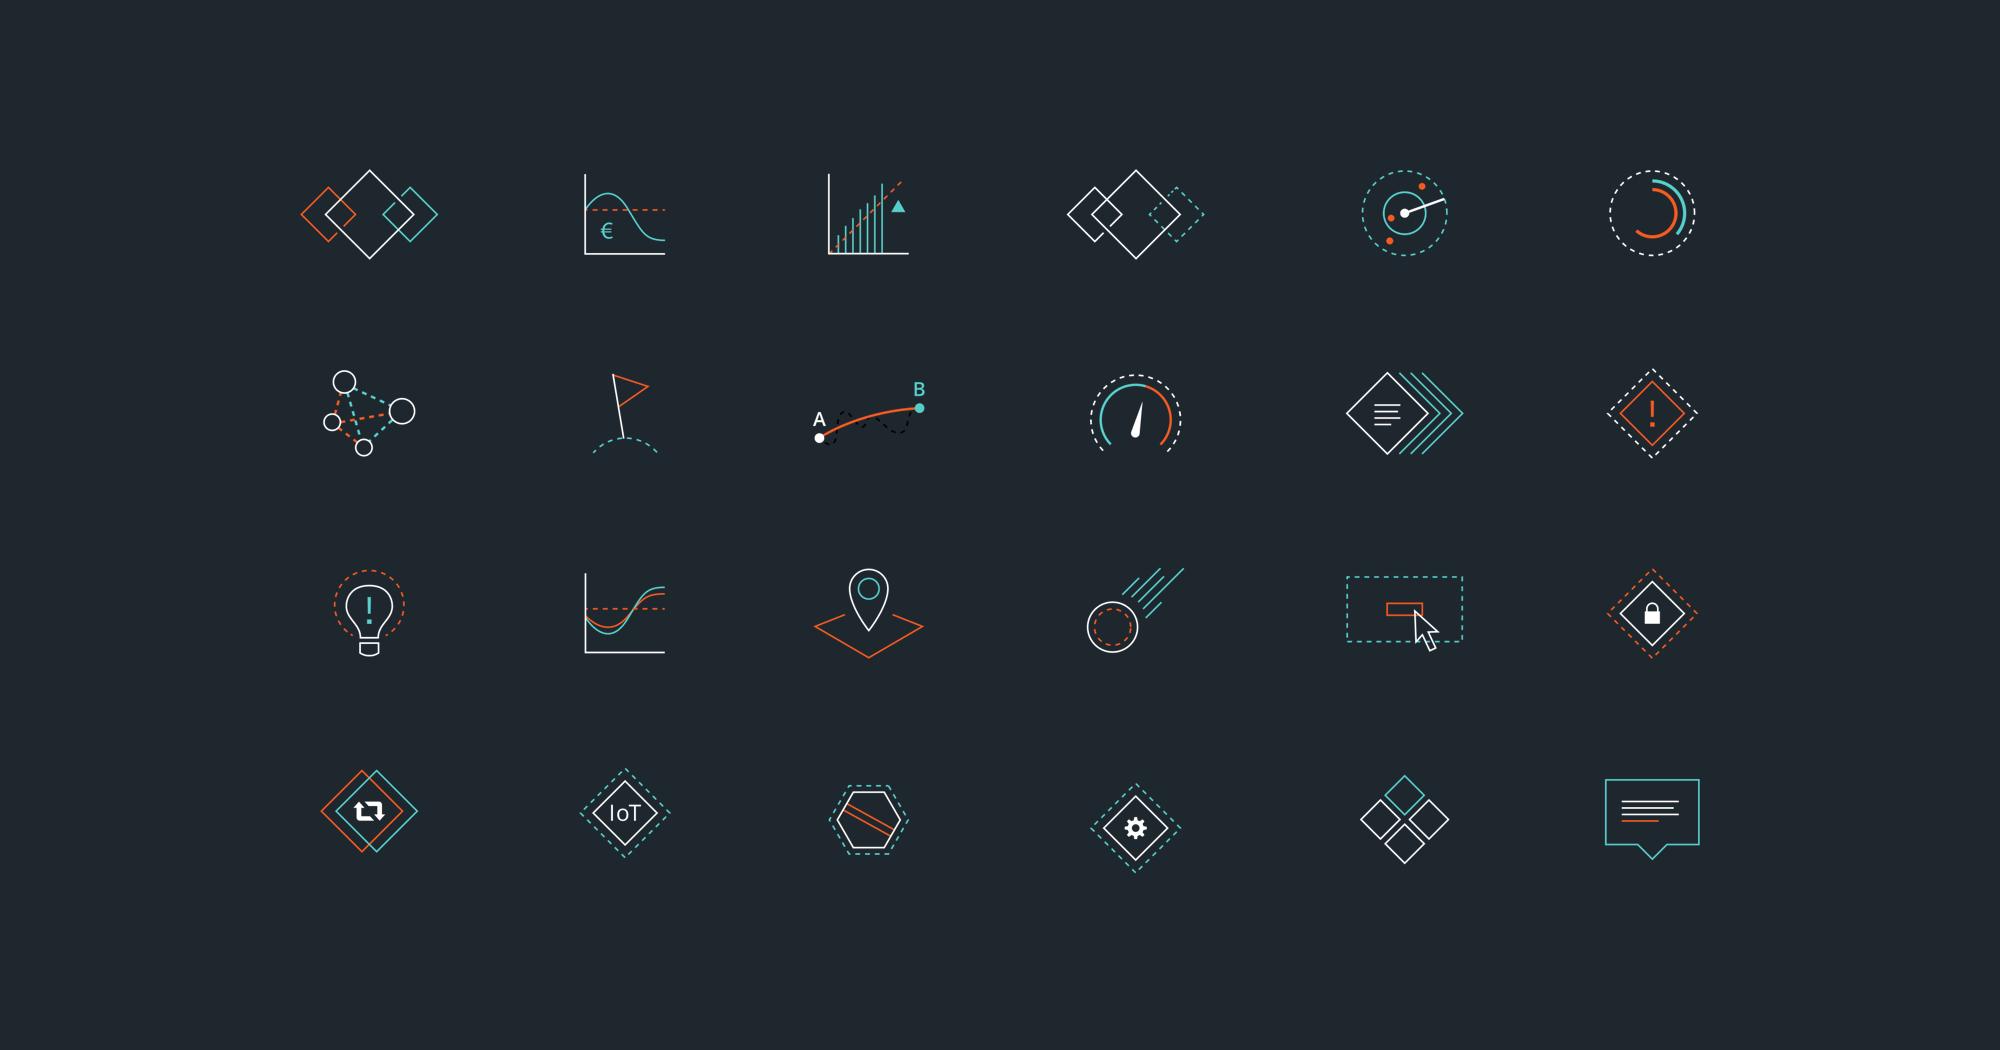 Romcore custom icon collection